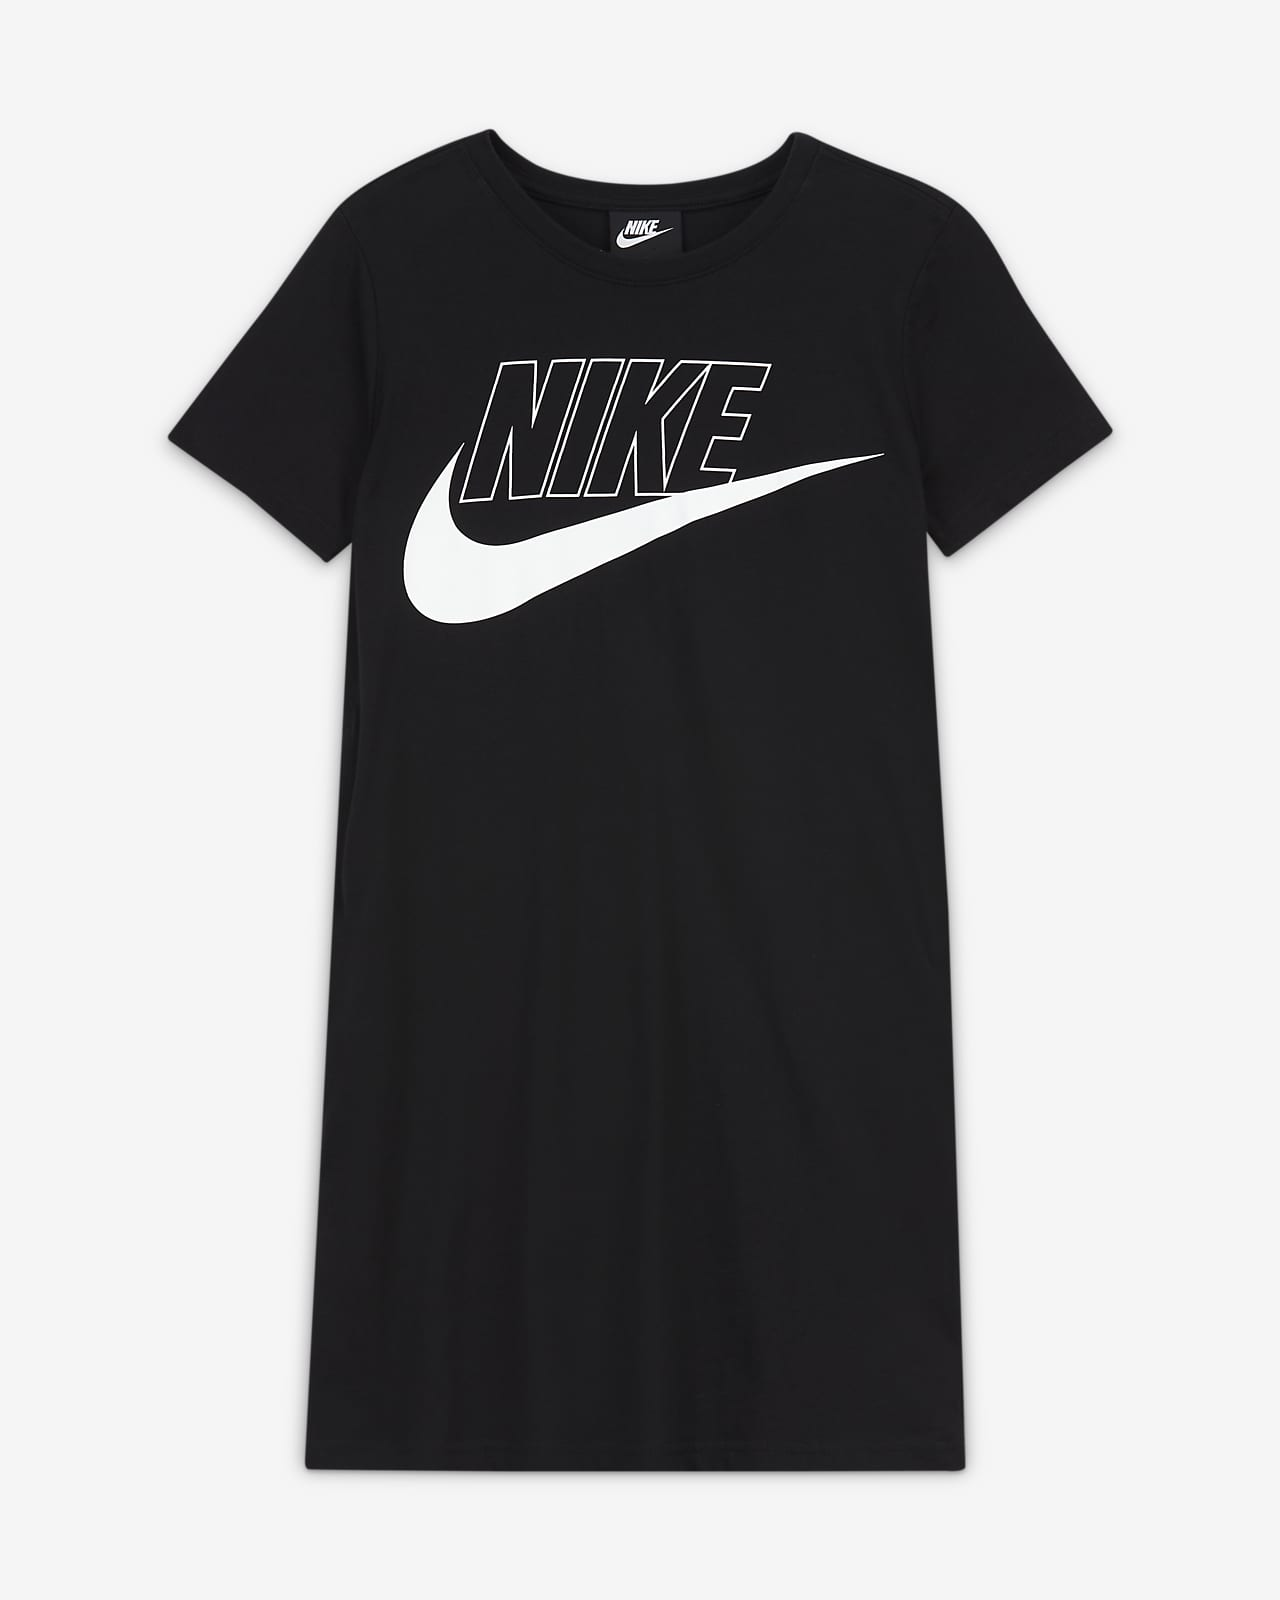 ナイキ スポーツウェア ジュニア (ガールズ) Tシャツドレス